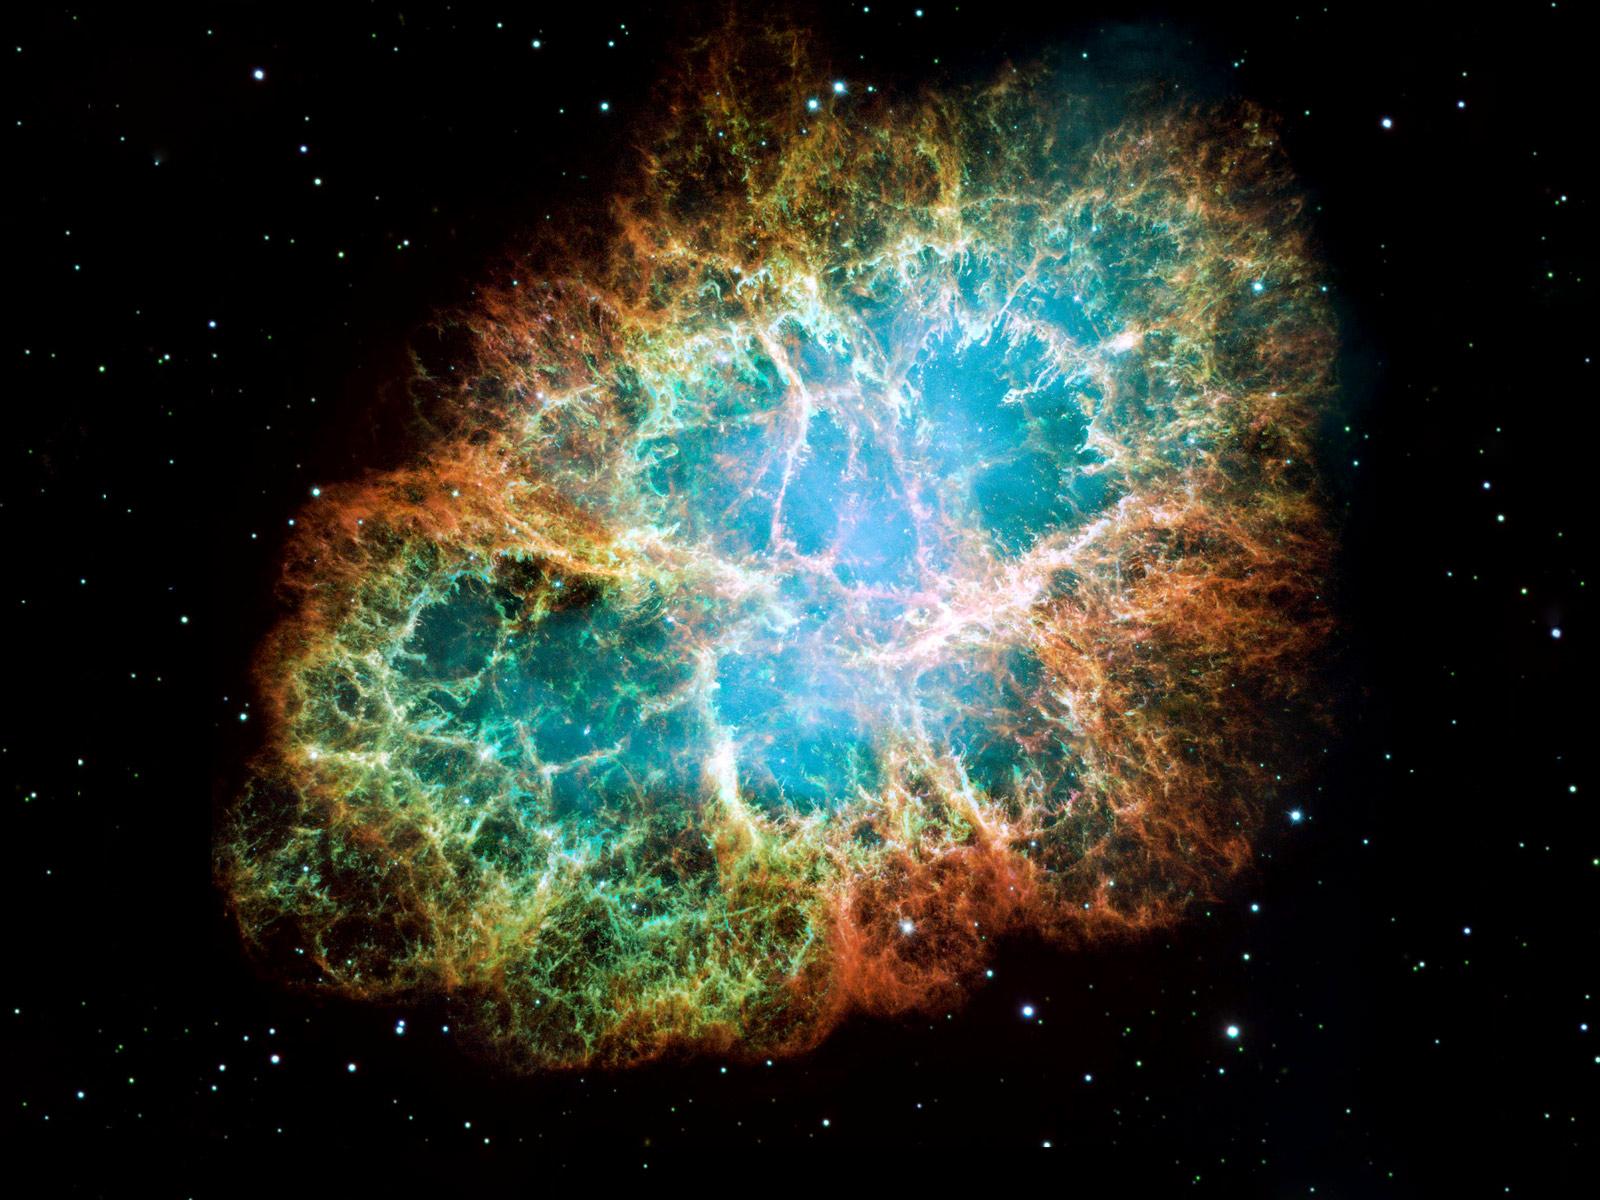 hubble hd wallpaper picswallpaper com hubble space telescope hot 1600x1200